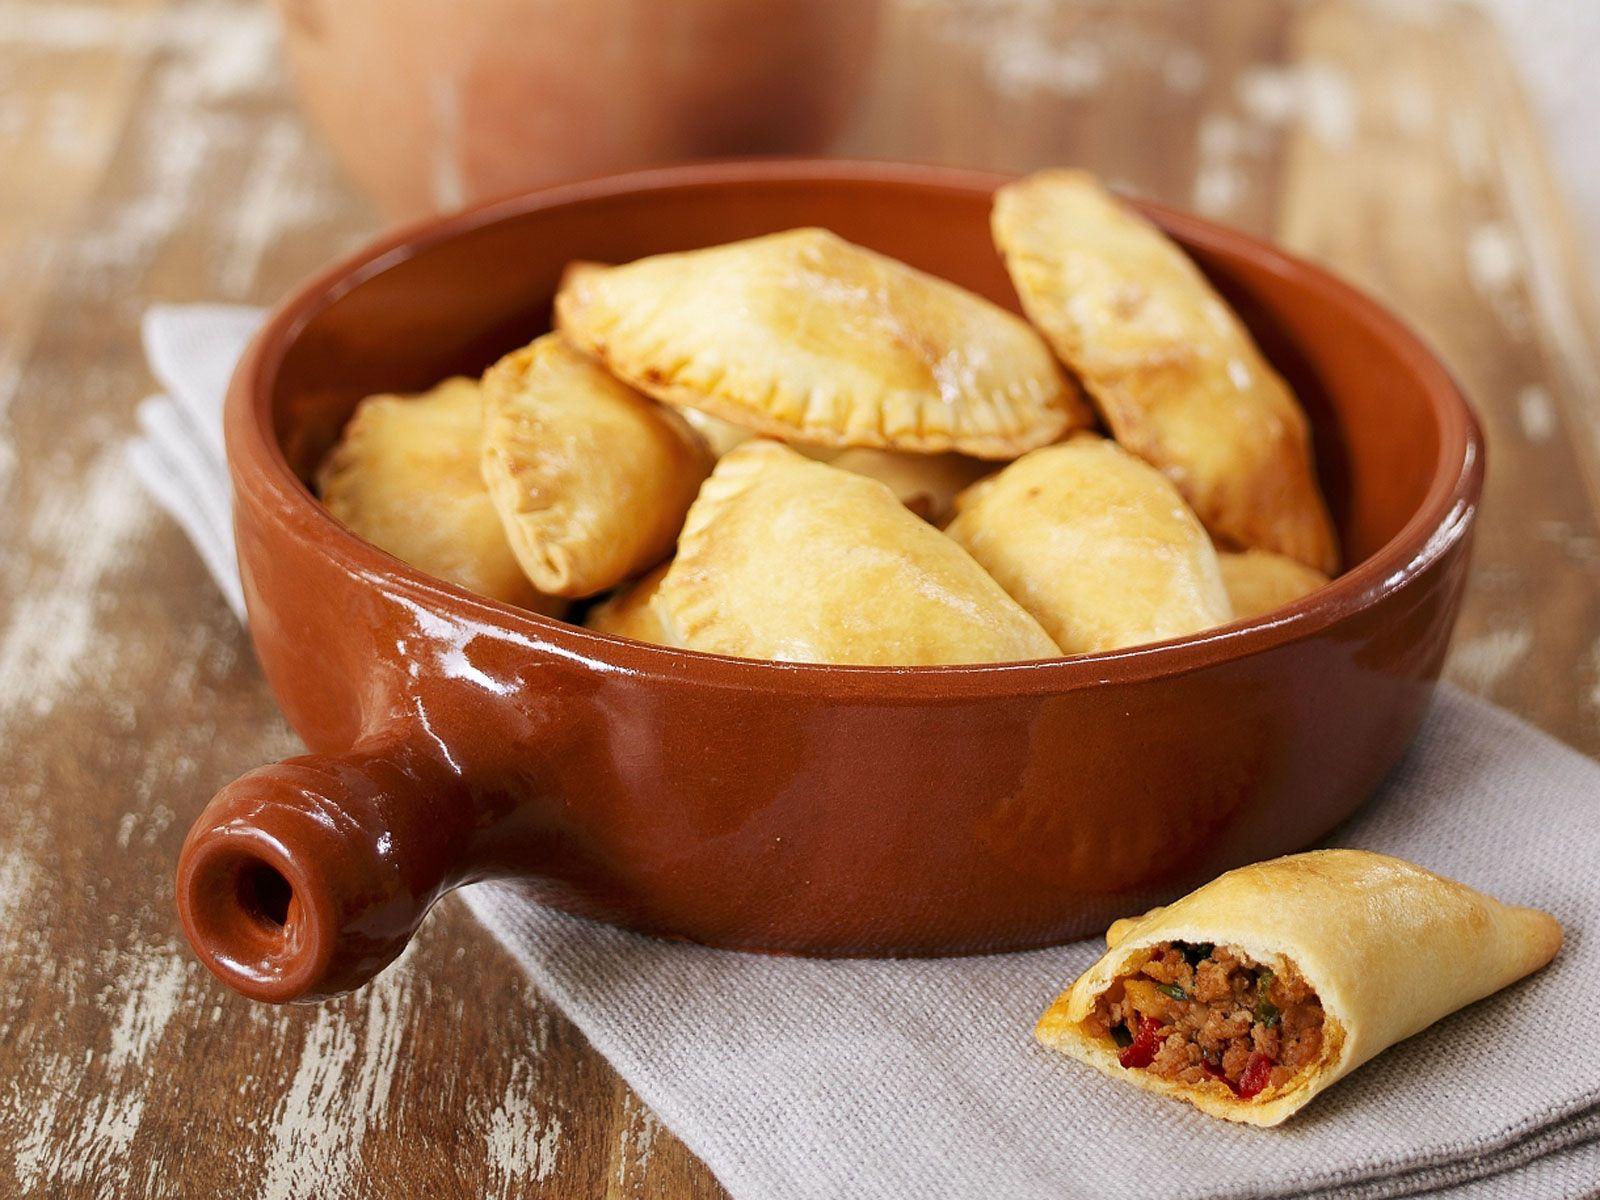 Gefüllte Teigtaschen auf spanische Art Rezept | EAT SMARTER